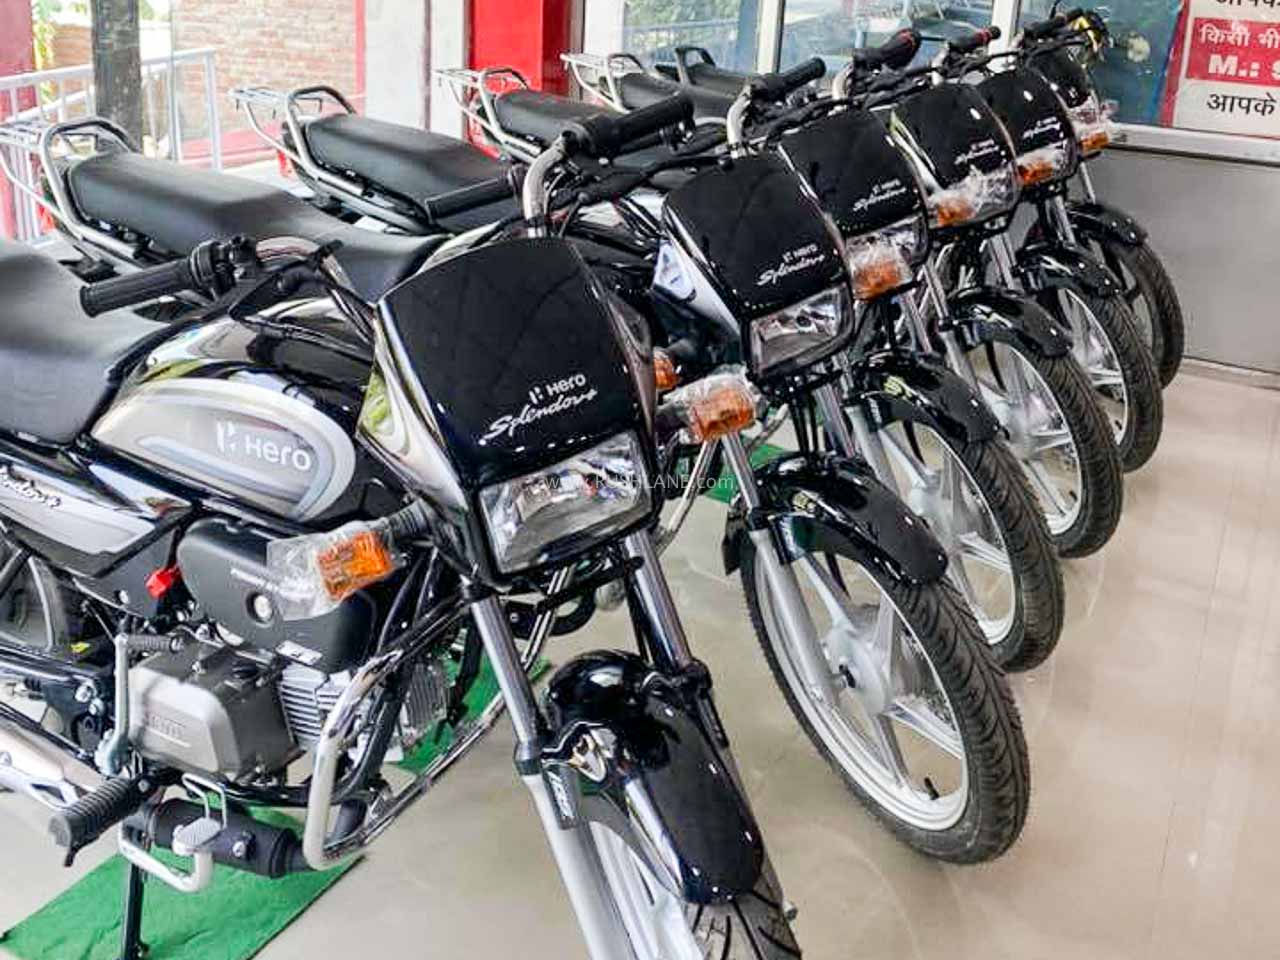 Two wheeler sales June 2020 vs May – Hero, Honda, Bajaj, TVS, Royal Enfield